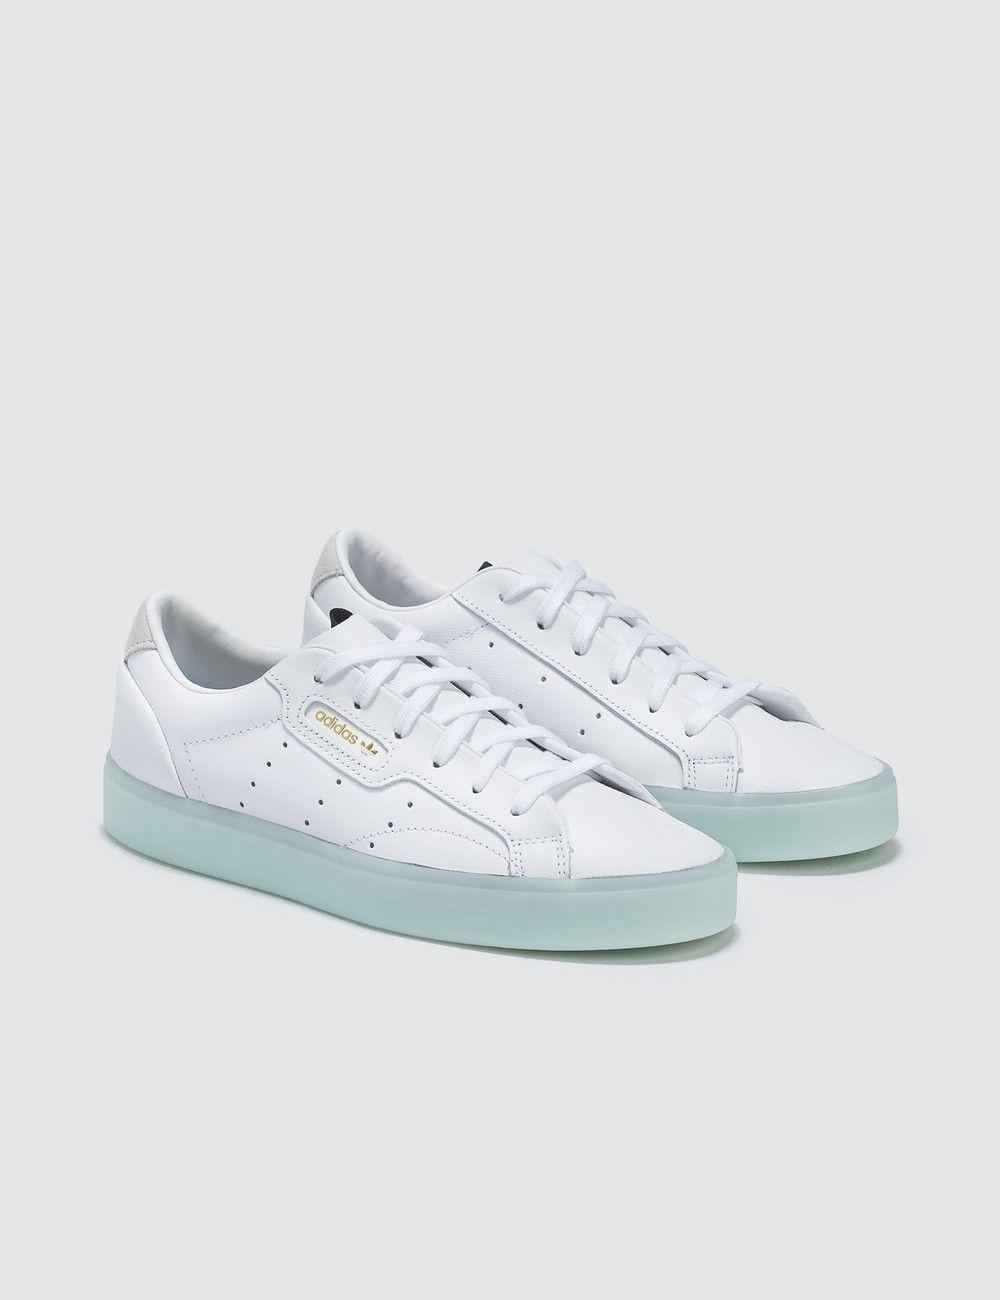 Adidas Sleek W in 2020 | Adidas, Adidas originals, Shoes